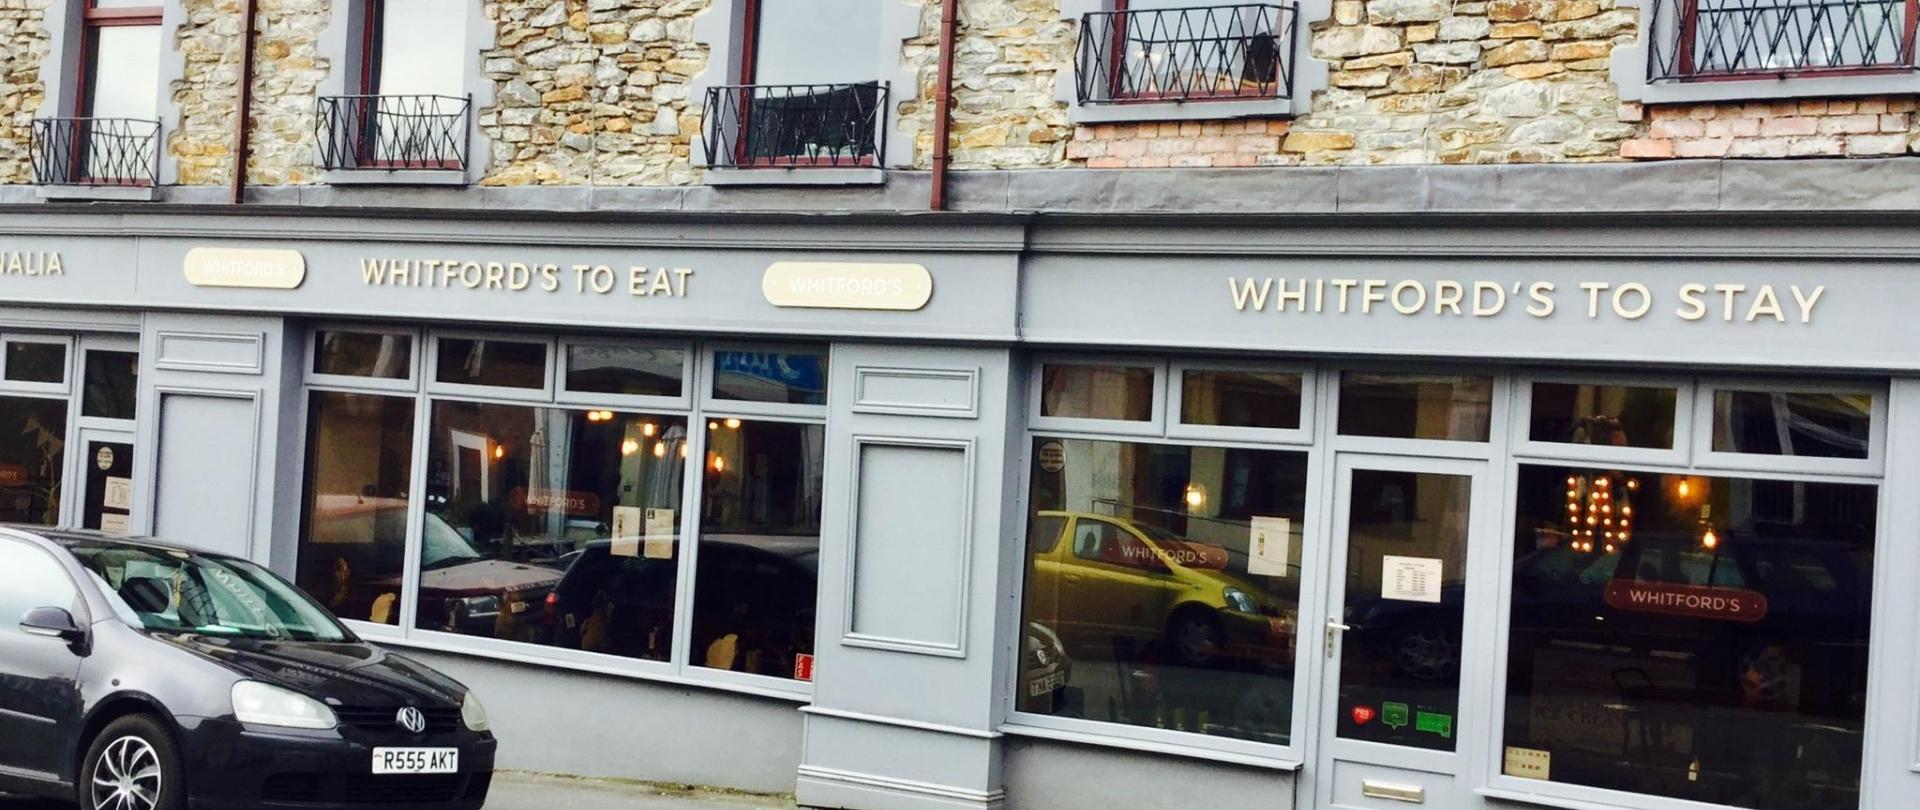 Whitford's